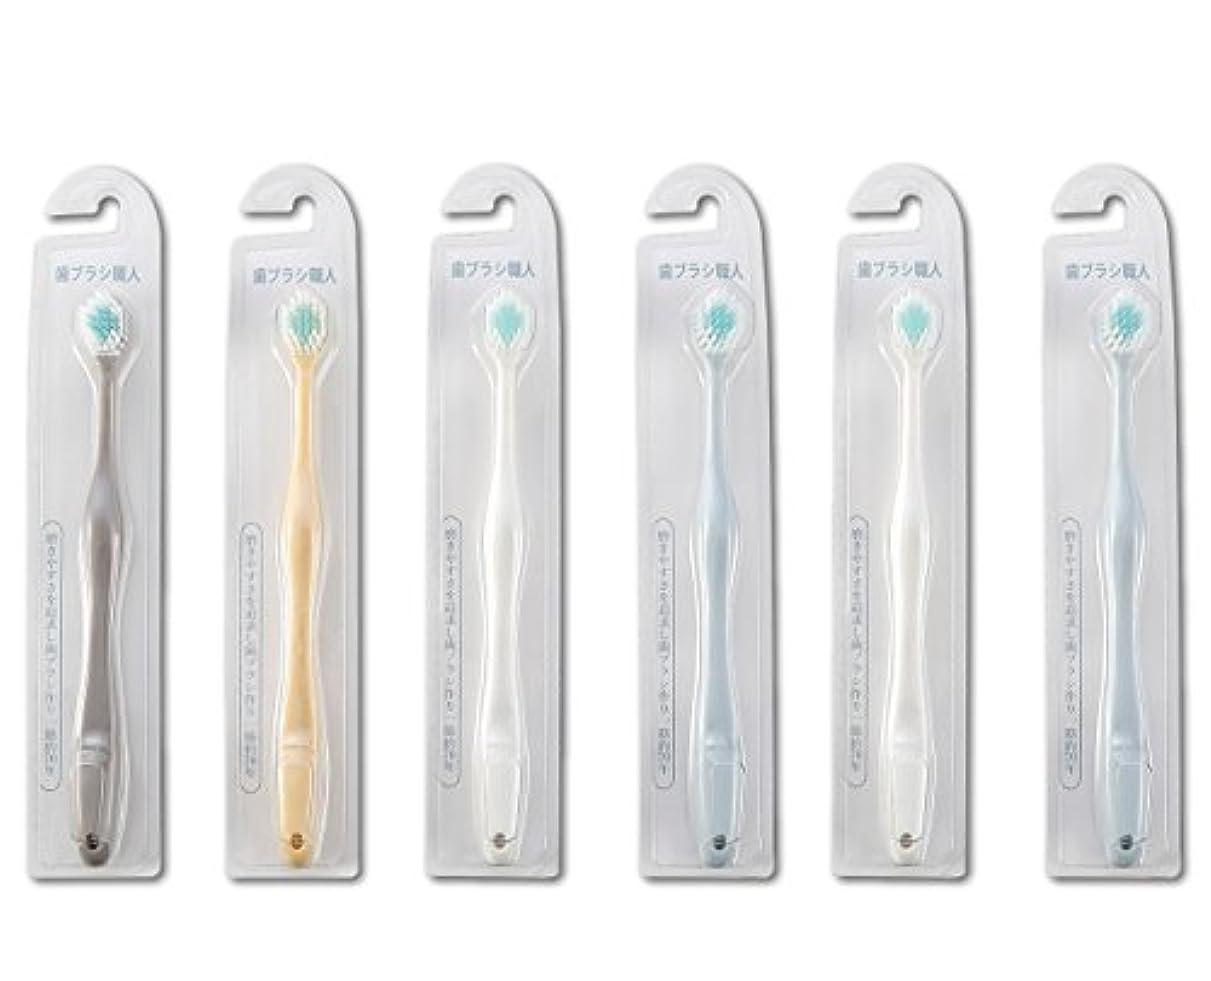 吐く艶ファントム歯ブラシ職人Artooth ® 田辺重吉 磨きやすい歯ブラシ ワイド 6列レギュラー AT-30 (6本組)